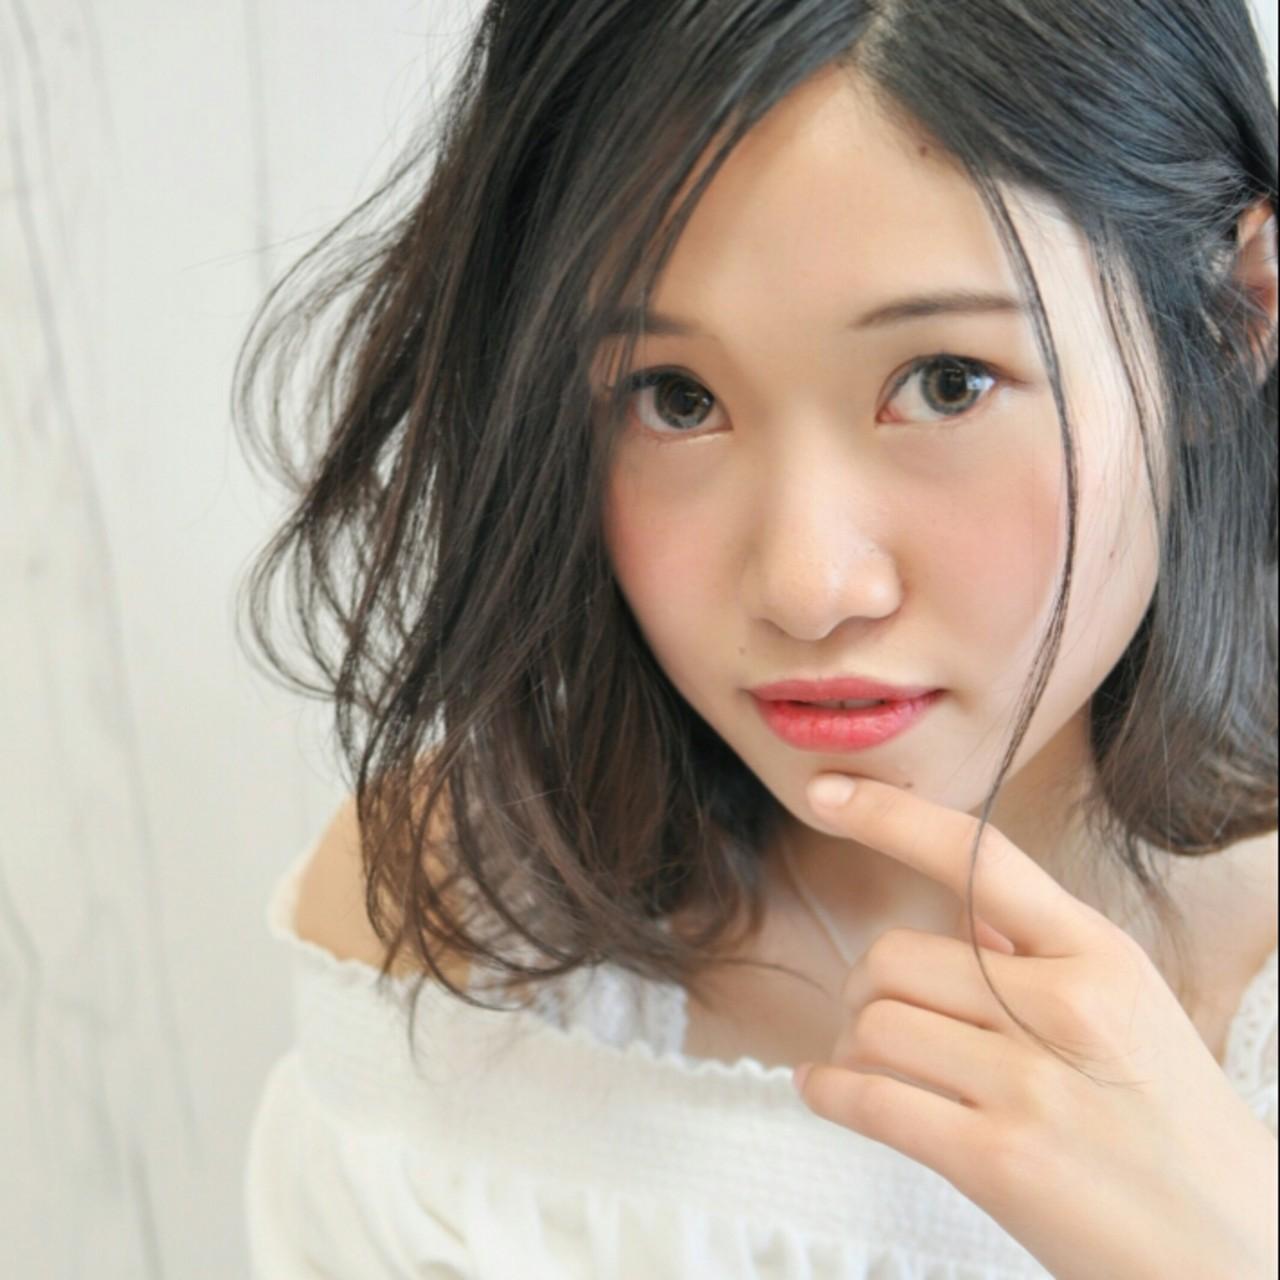 大人女子 ヘアアレンジ ショート 黒髪 ヘアスタイルや髪型の写真・画像